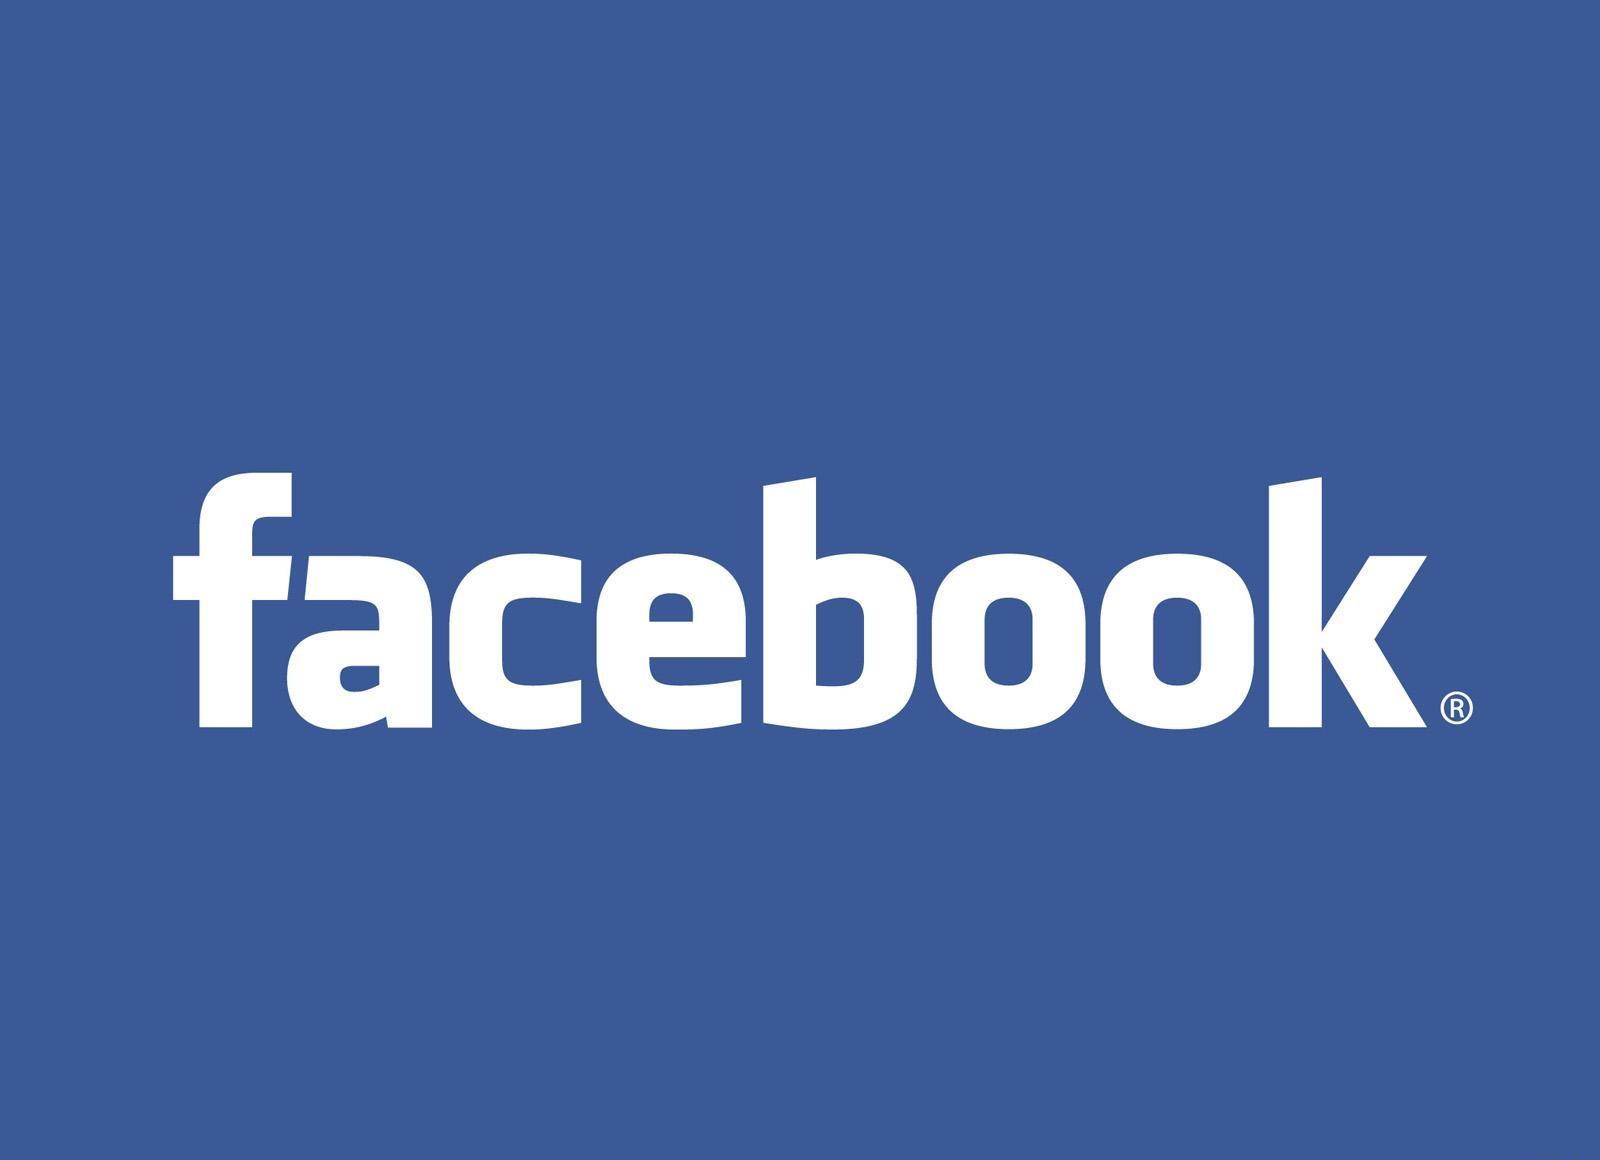 Основатель Facebook объяснил, почему функция «проверки безопасности» появилась в соцсети только после терактов в Париже